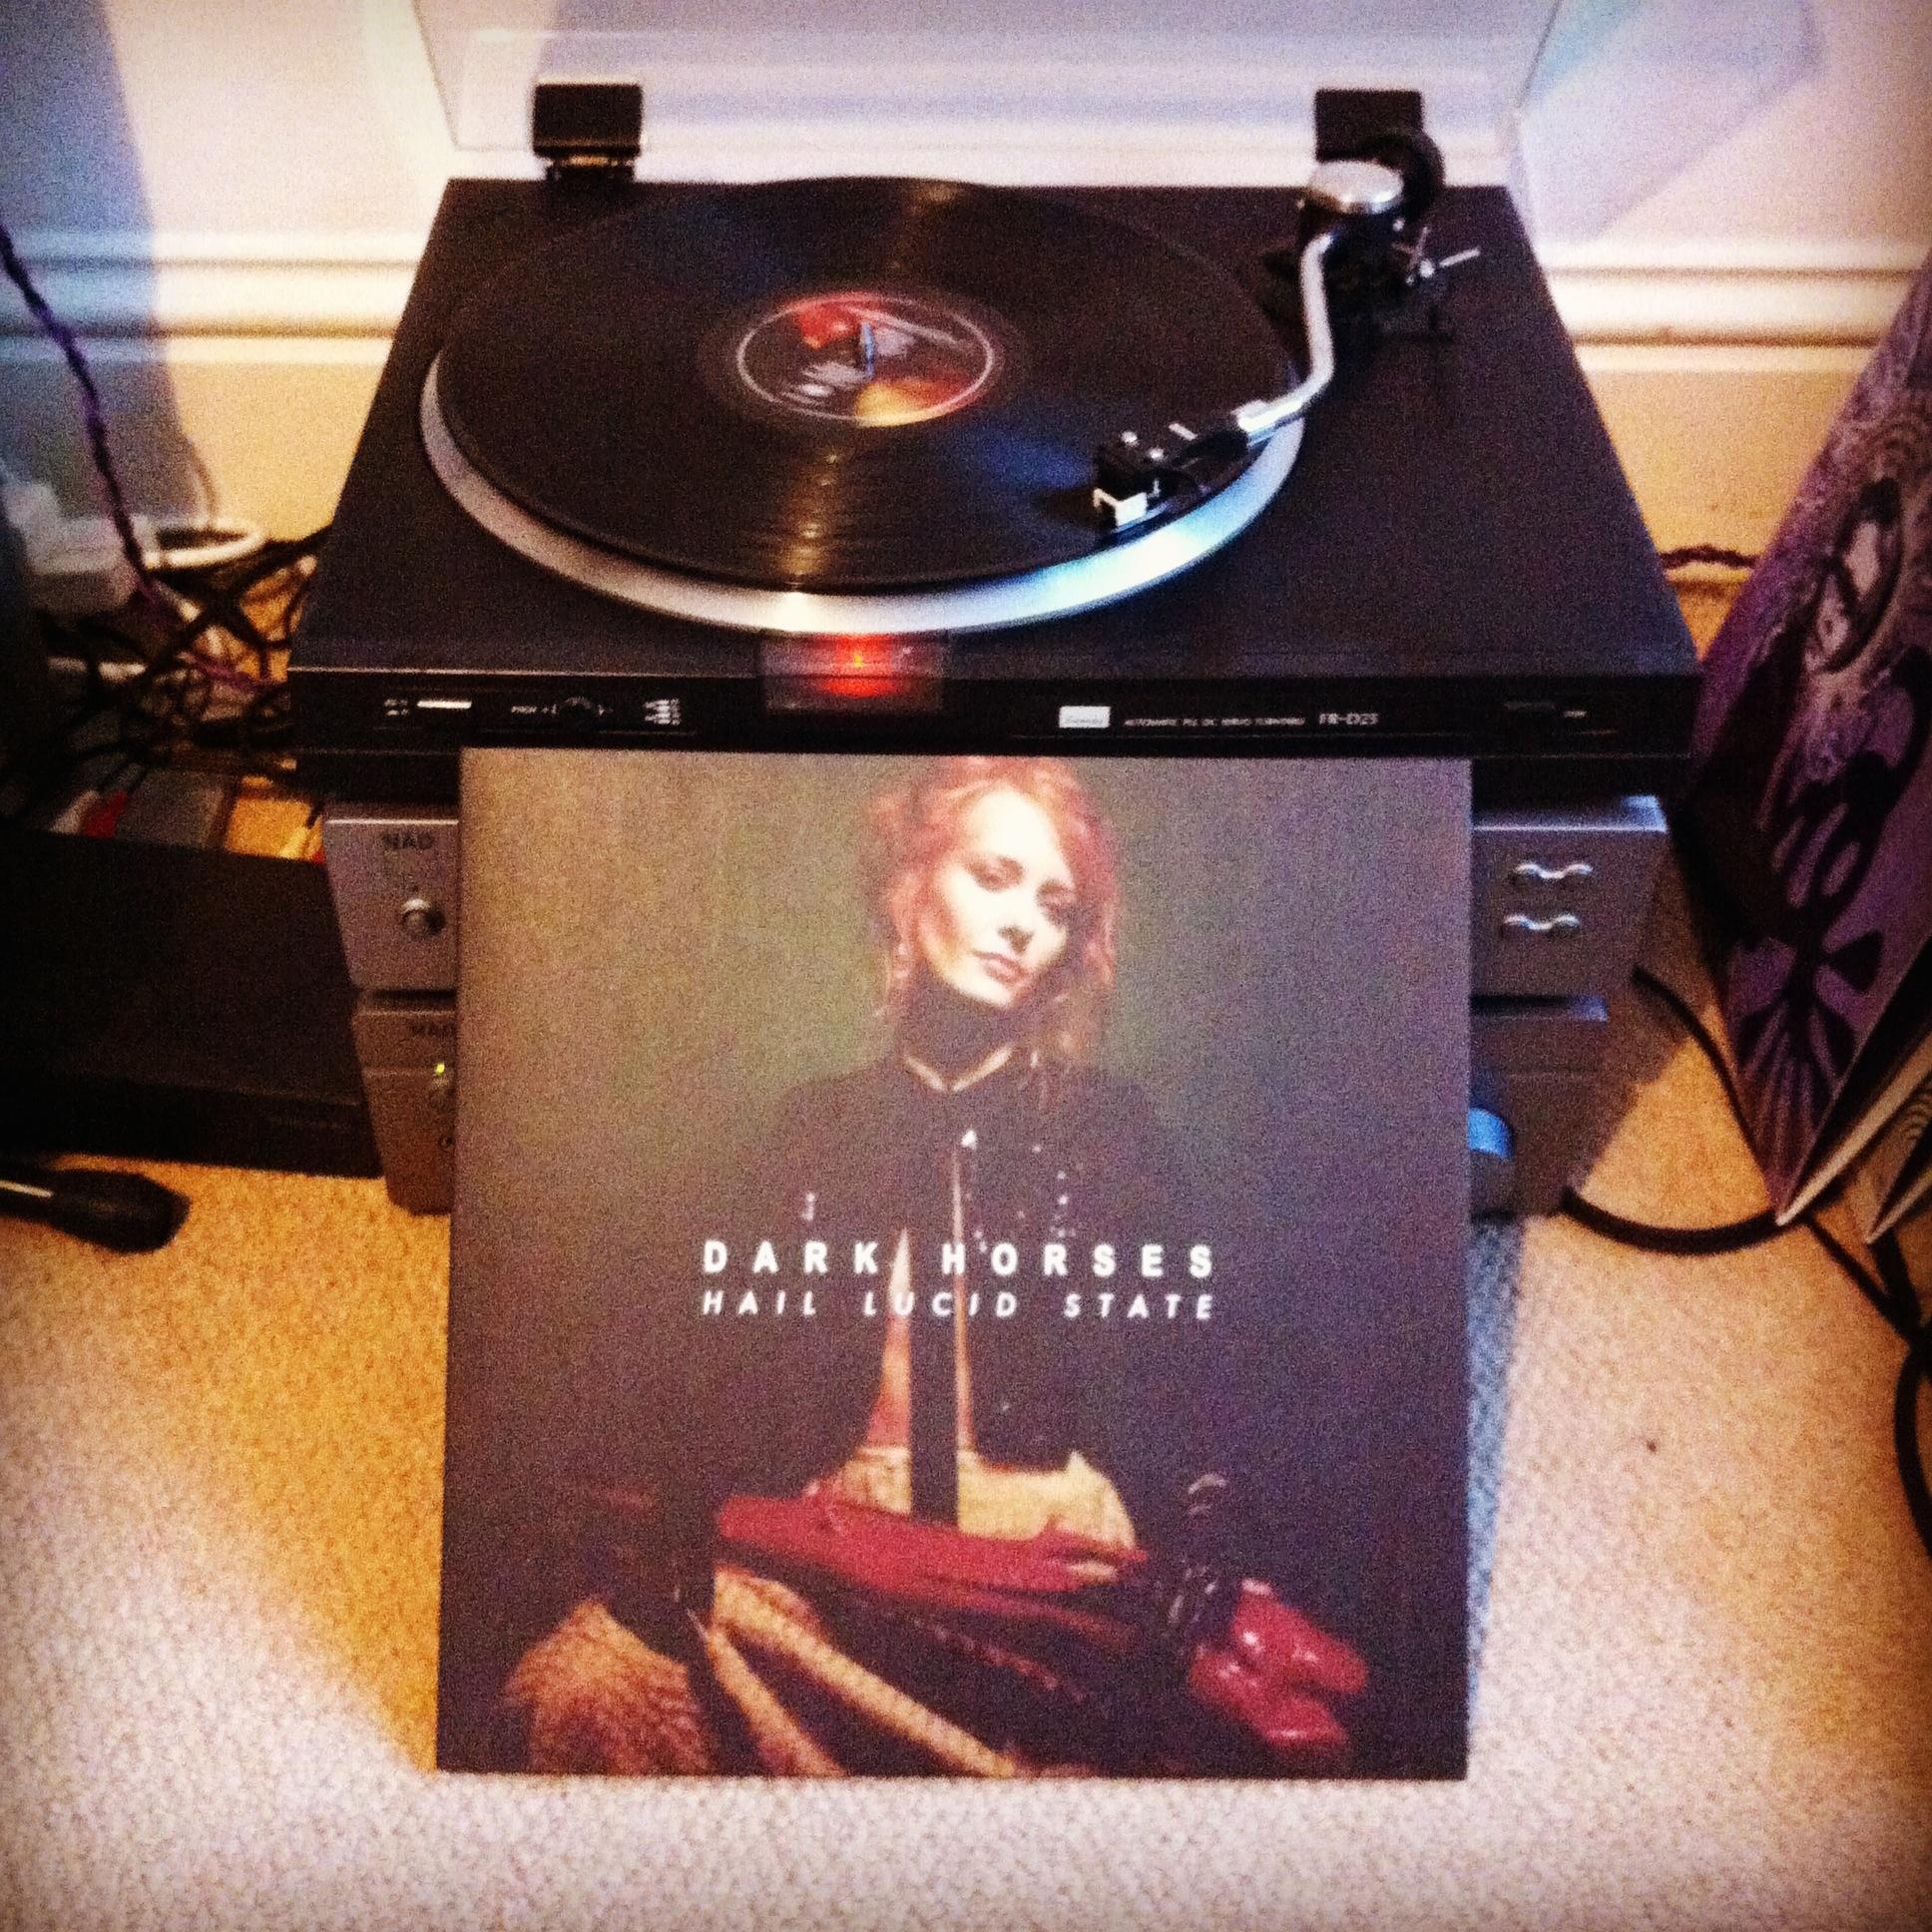 Hail Lucid State (vinyl) - Dark Horses